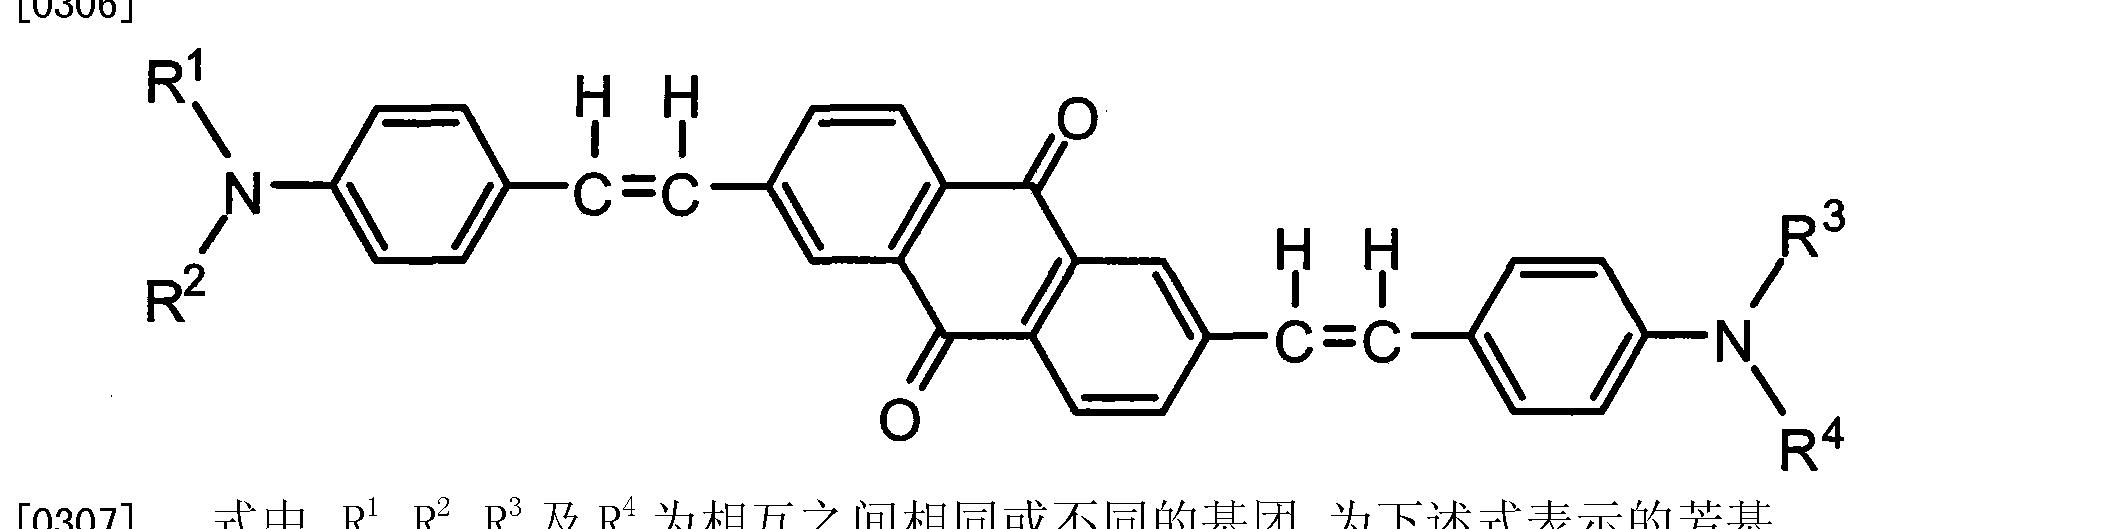 Figure CN101874316BD00561